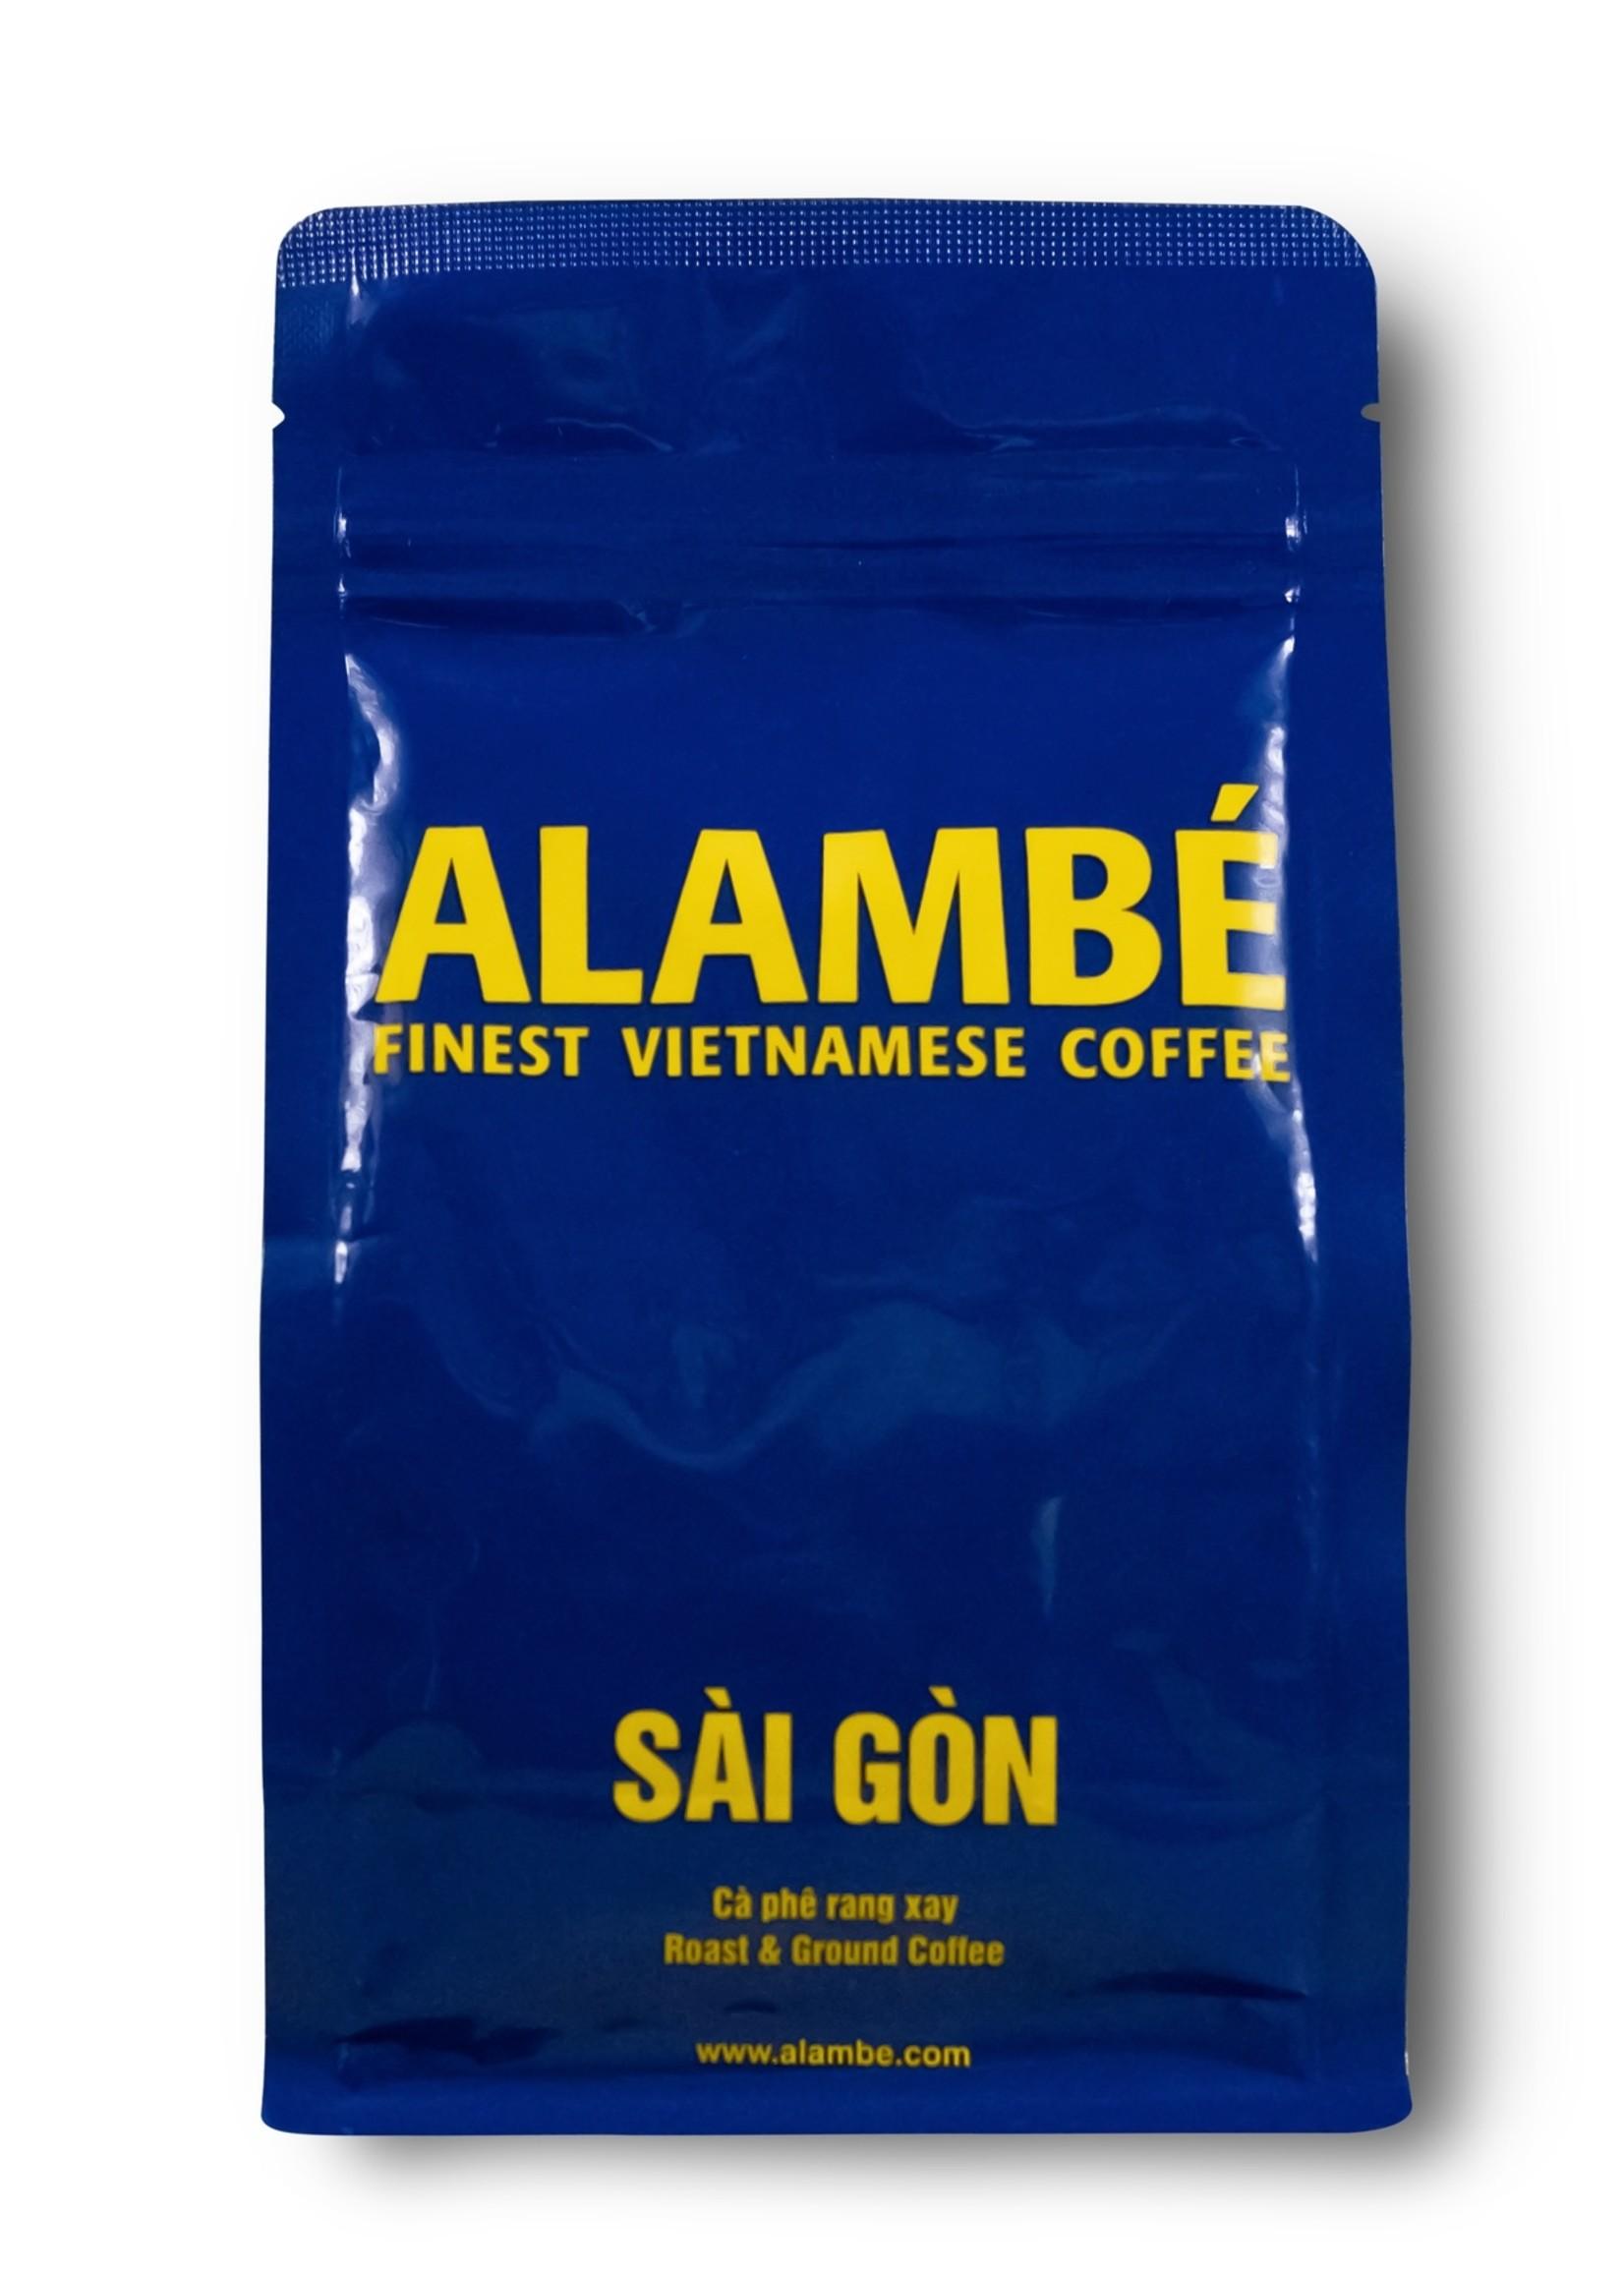 Alambé - Finest Vietnamese Coffee Sai Gon - Mélange de maisons à la vietnamienne (230g moulu)